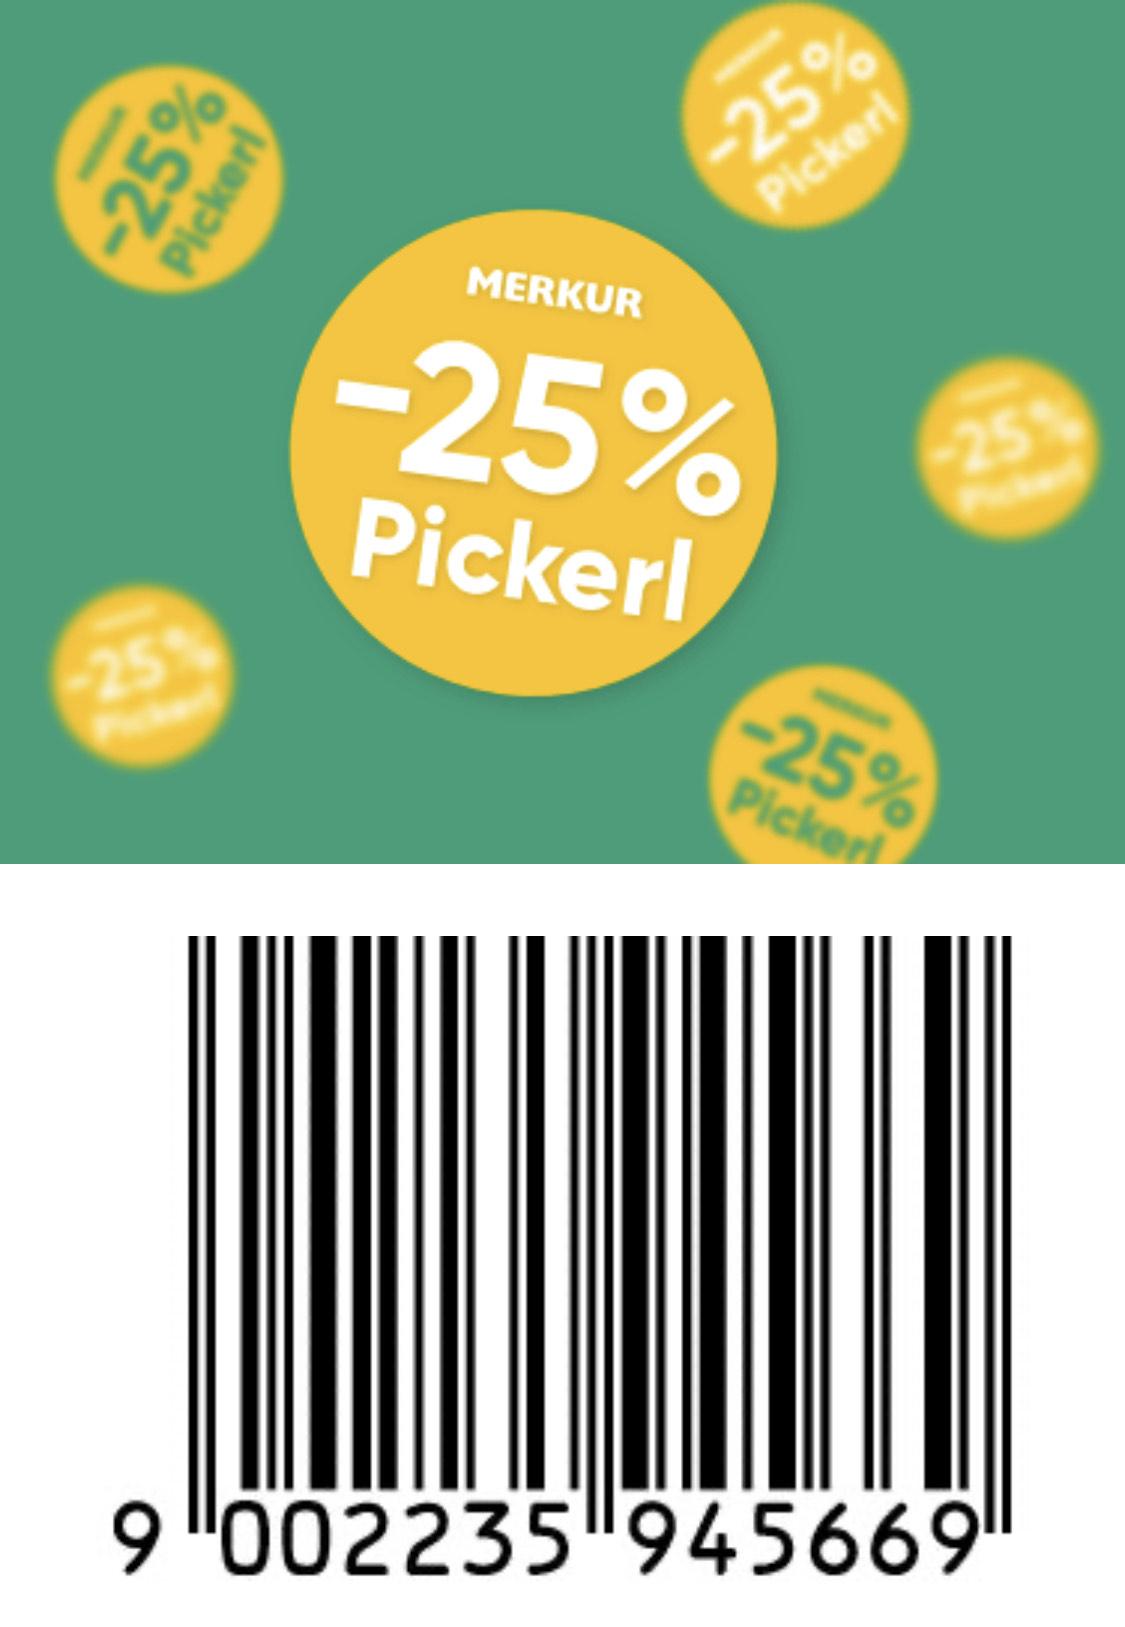 MERKUR-Aktuelle Angebote kombiniert mit -25% Pickerl